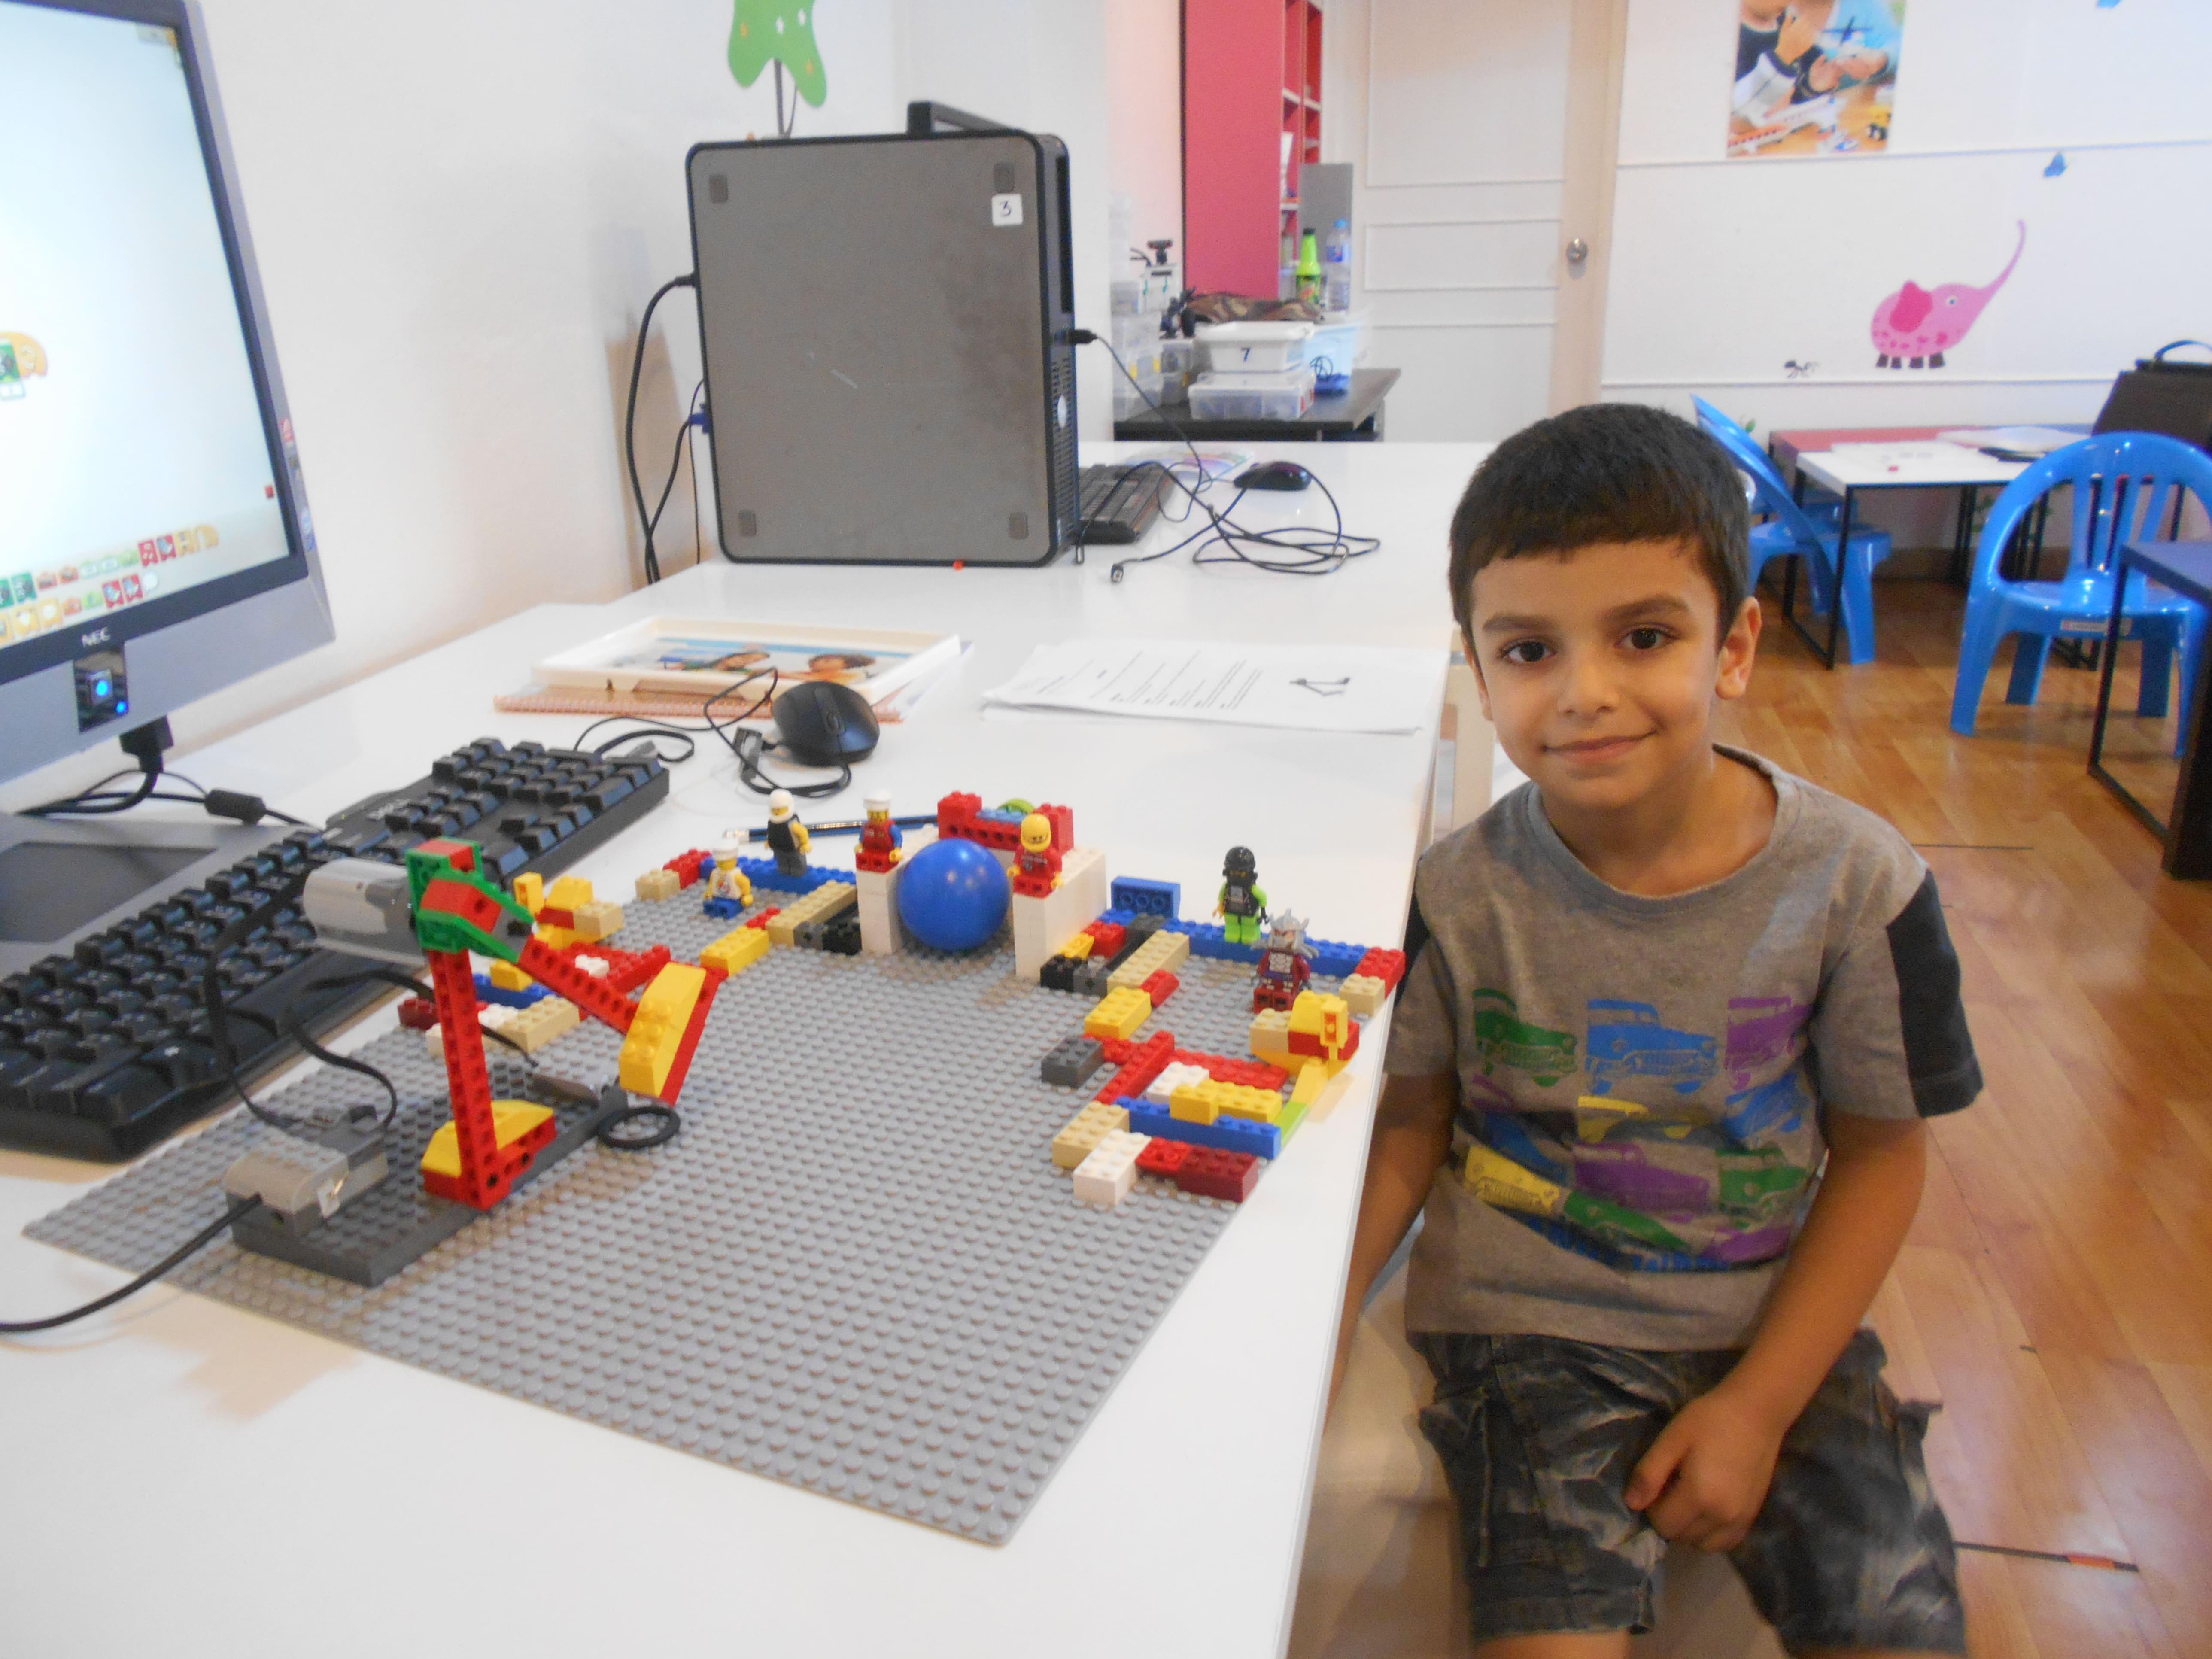 Legowedorobotics2